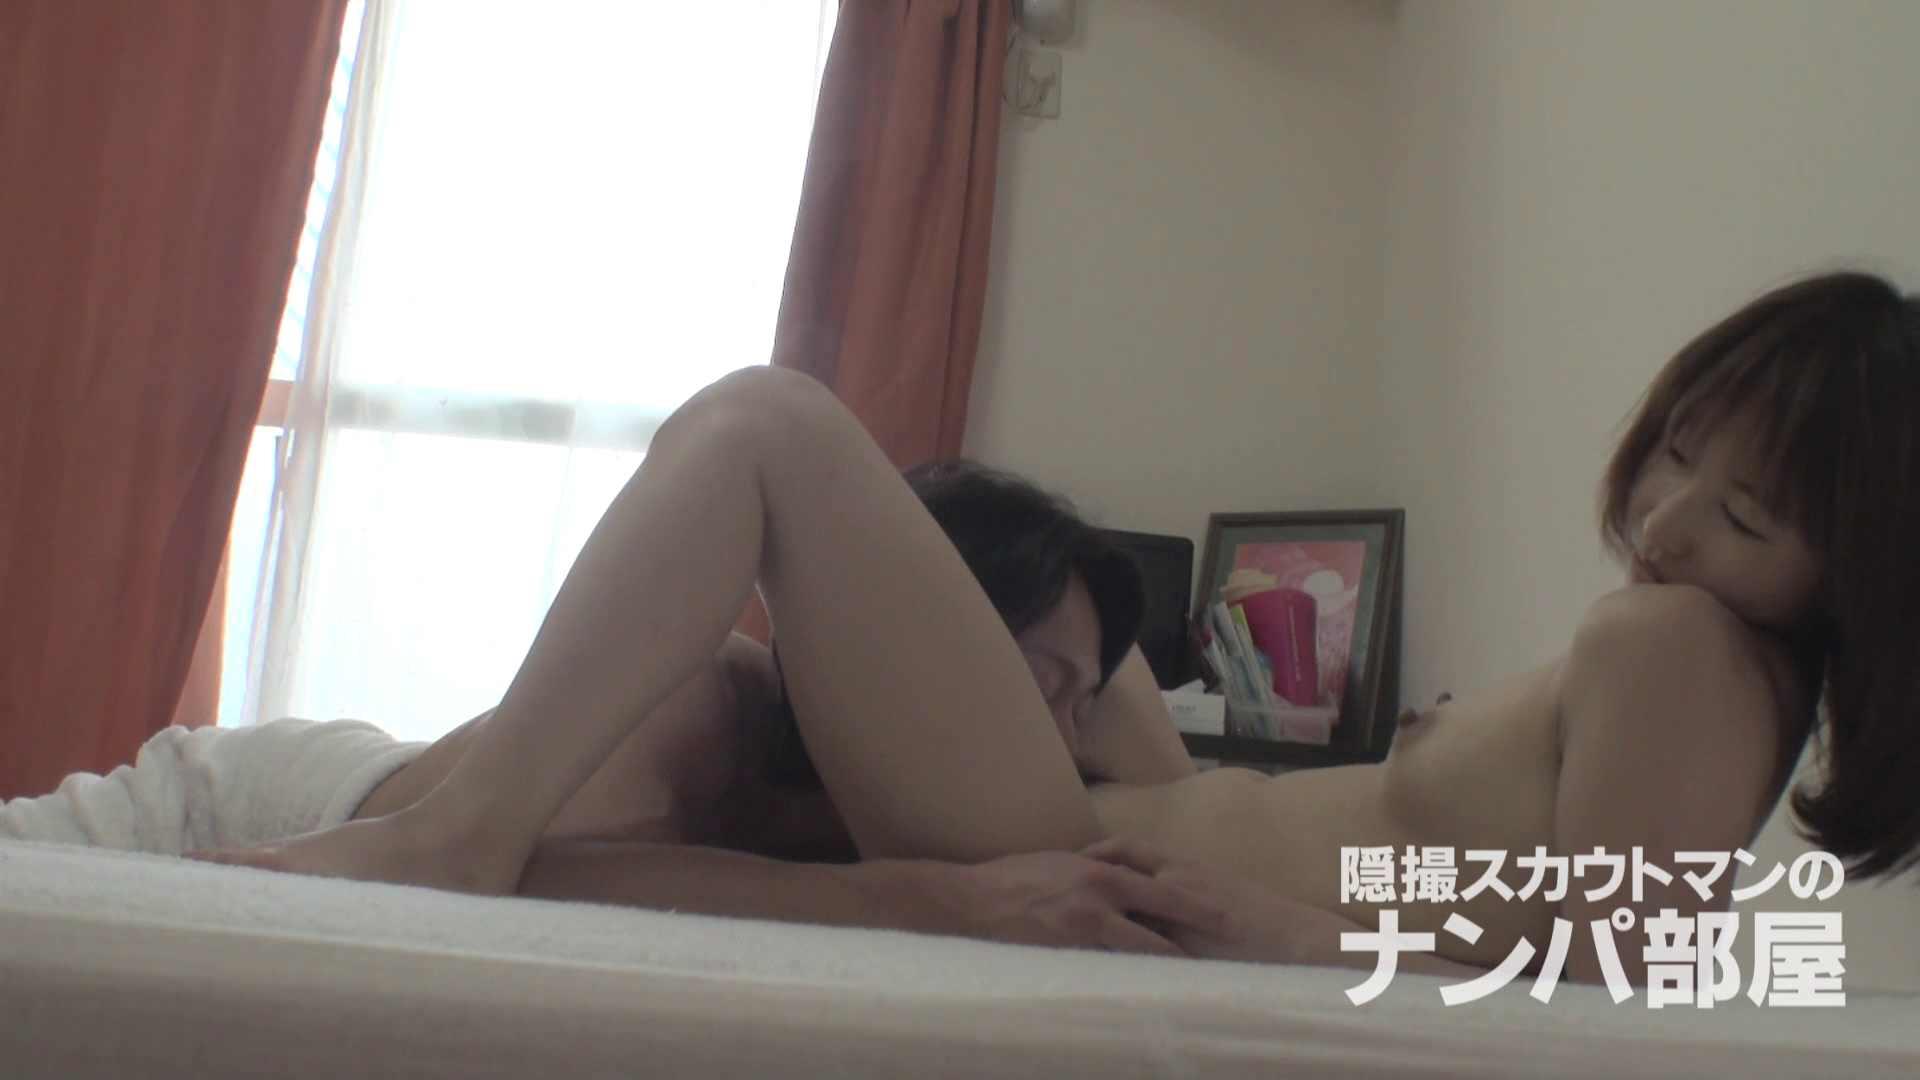 隠撮スカウトマンのナンパ部屋~風俗デビュー前のつまみ食い~ sii 隠撮  94pic 84